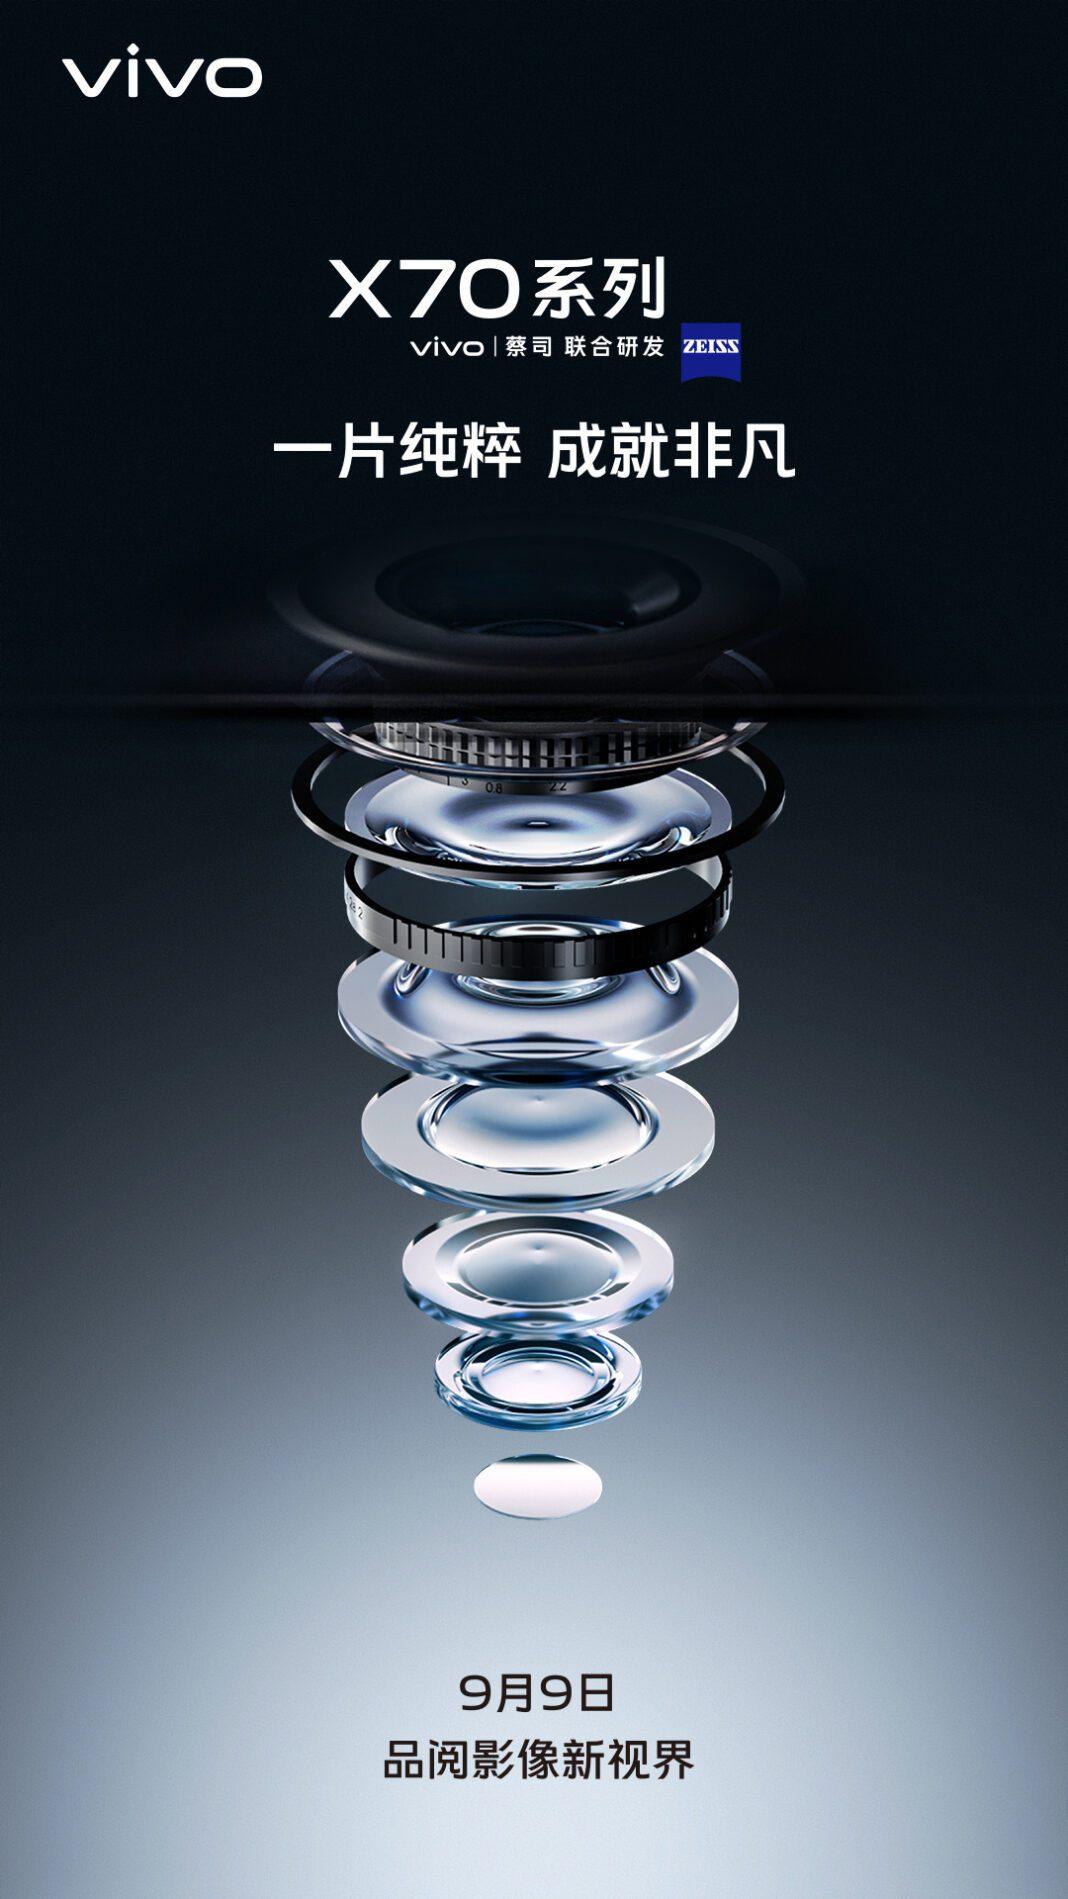 Vivo представила серию X70 с оригинальными стеклянными объективами камеры Zeiss